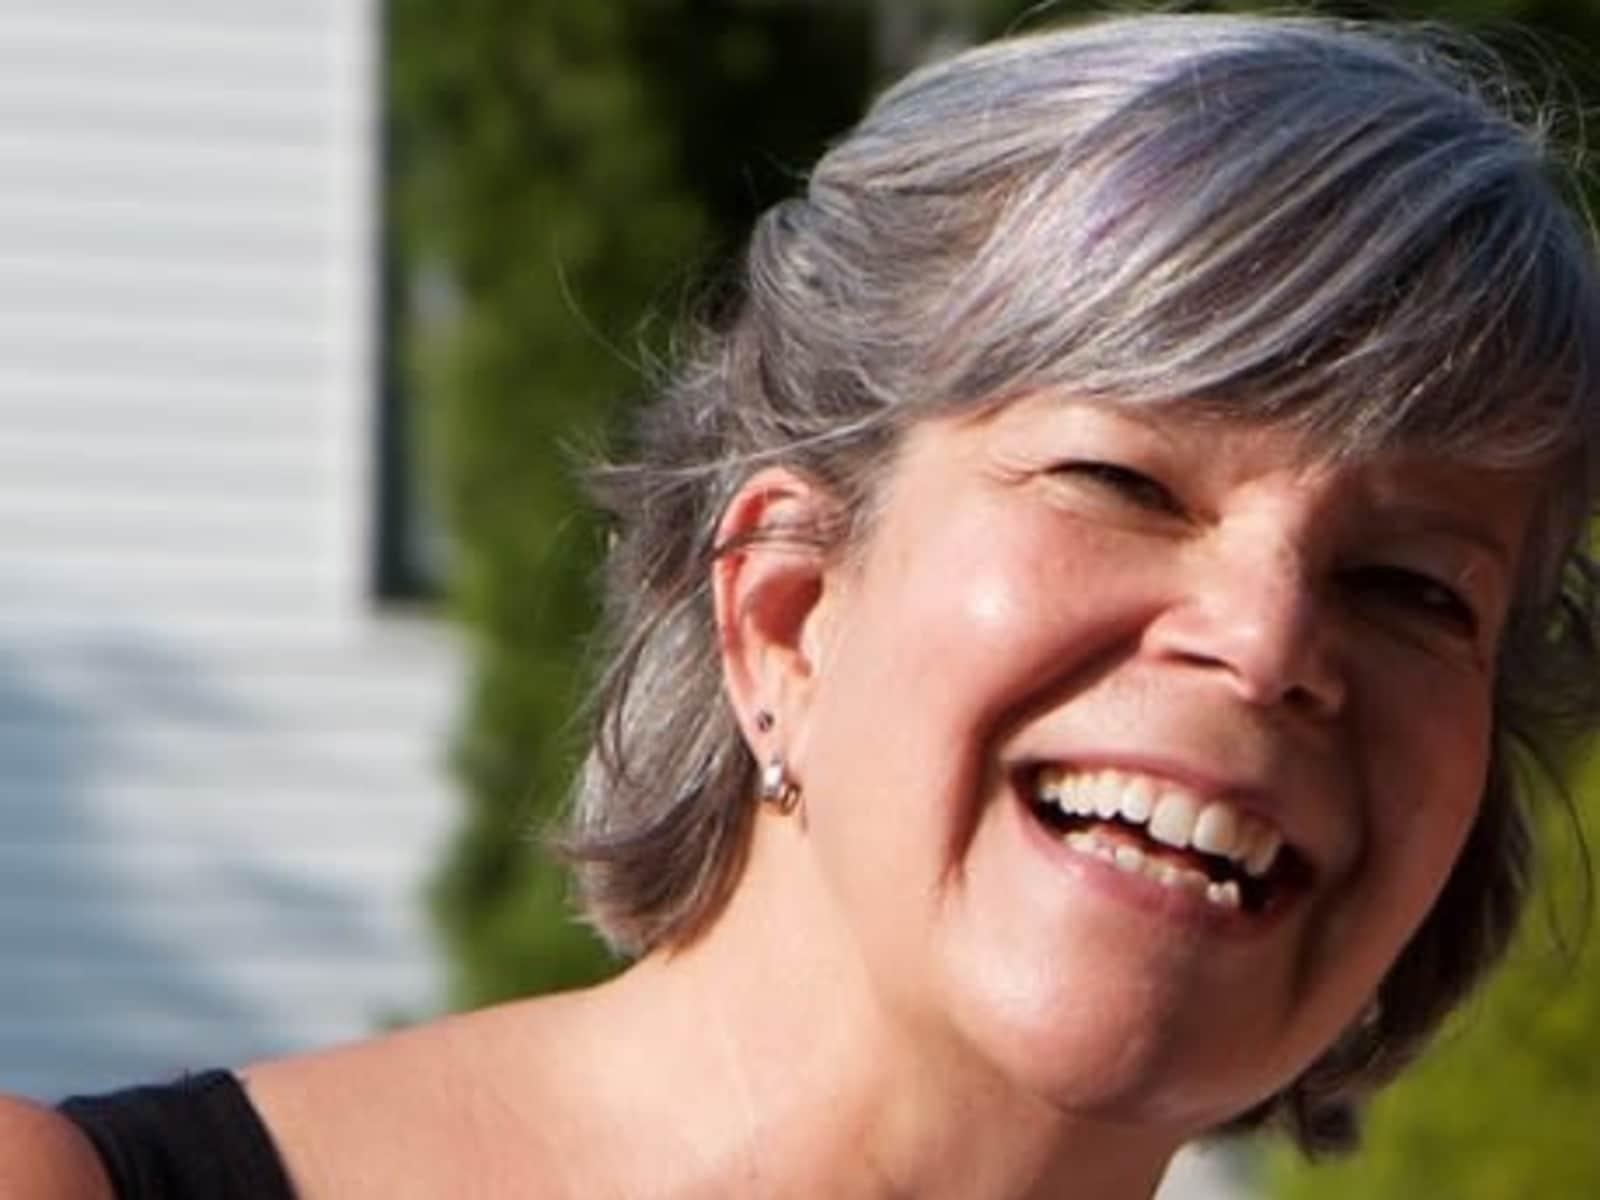 Karen from Toronto, Ontario, Canada